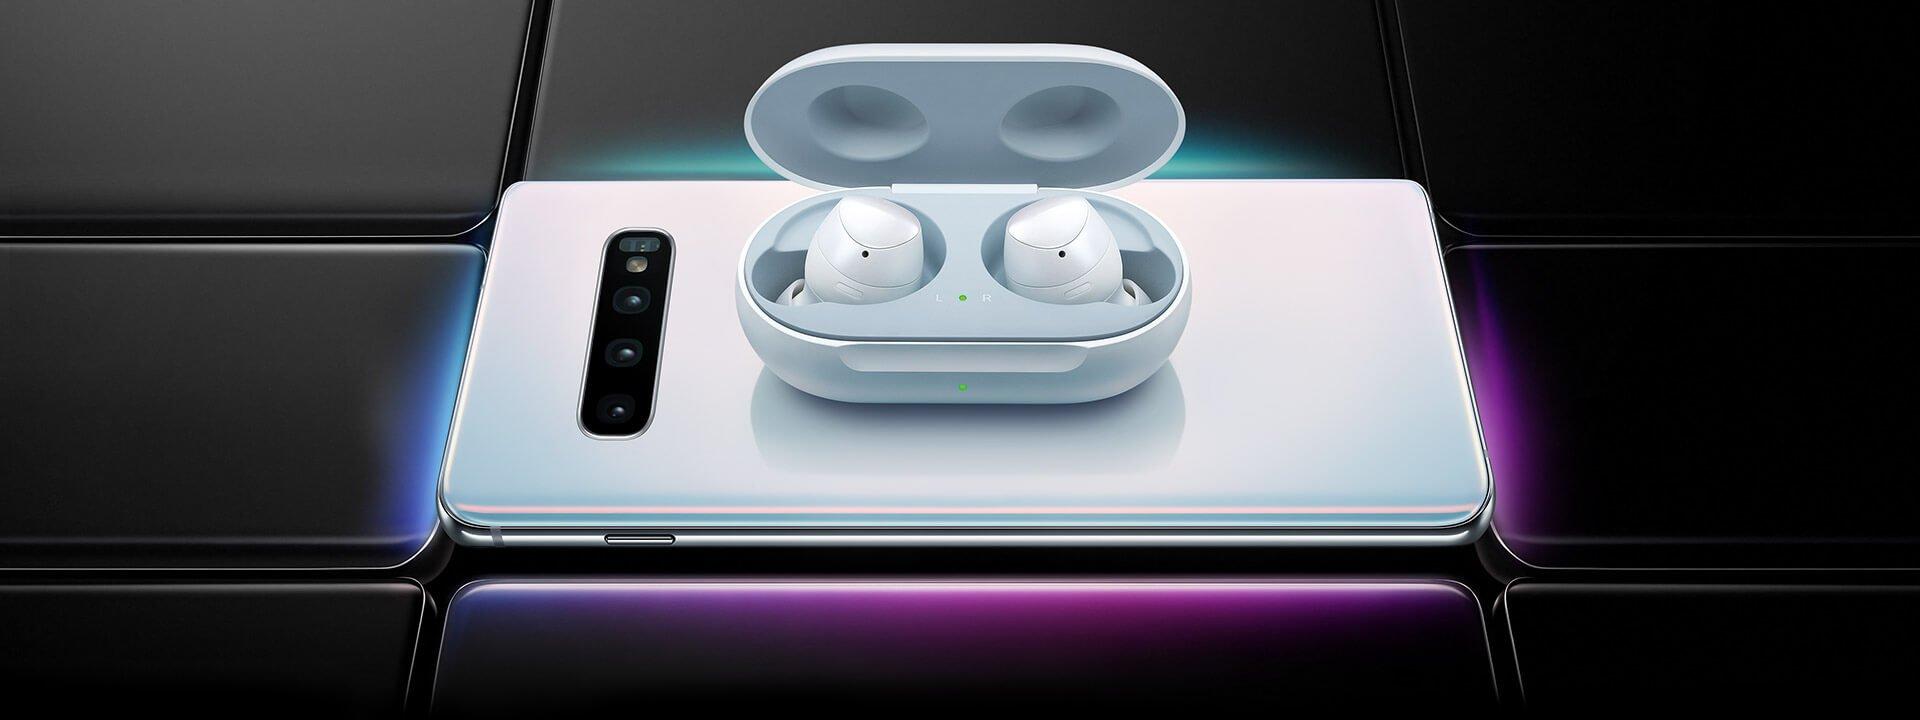 Samsung dokonał wyboru: Galaxy Buds+ z większą baterią, ale bez aktywnej redukcji szumów